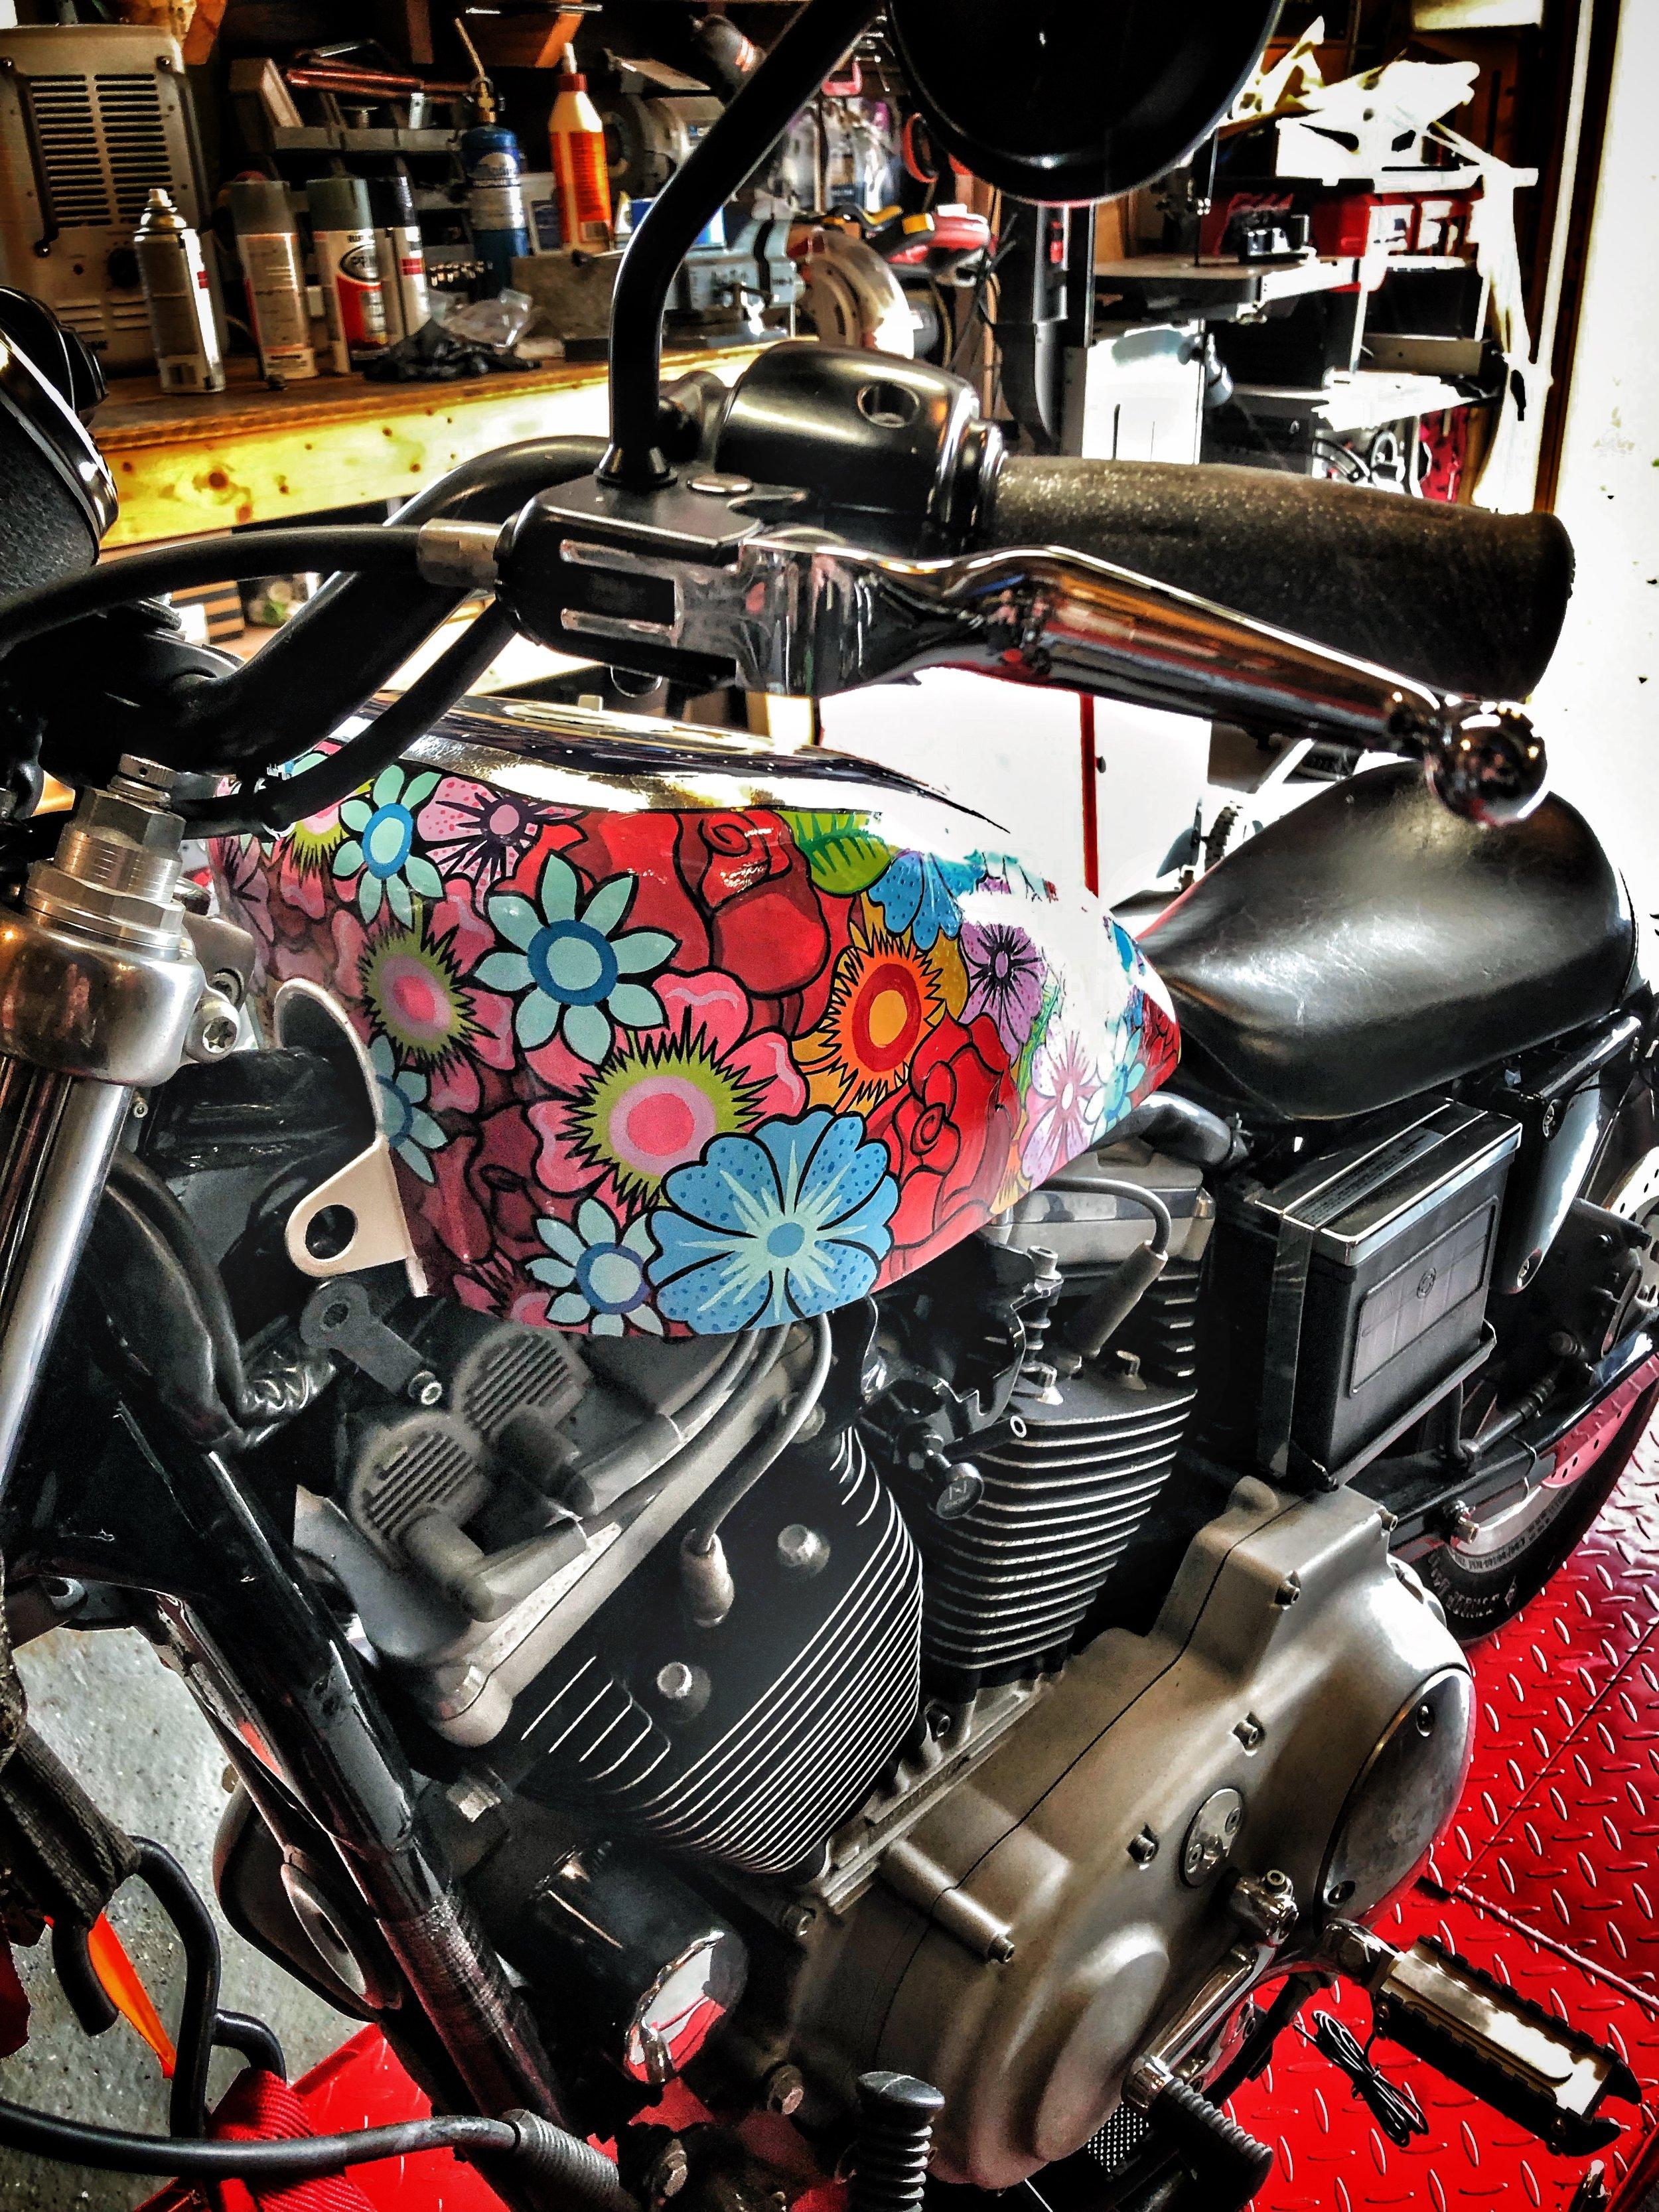 Devil Chicken Design Babes Ride Out 2019 gas tank-10.jpg